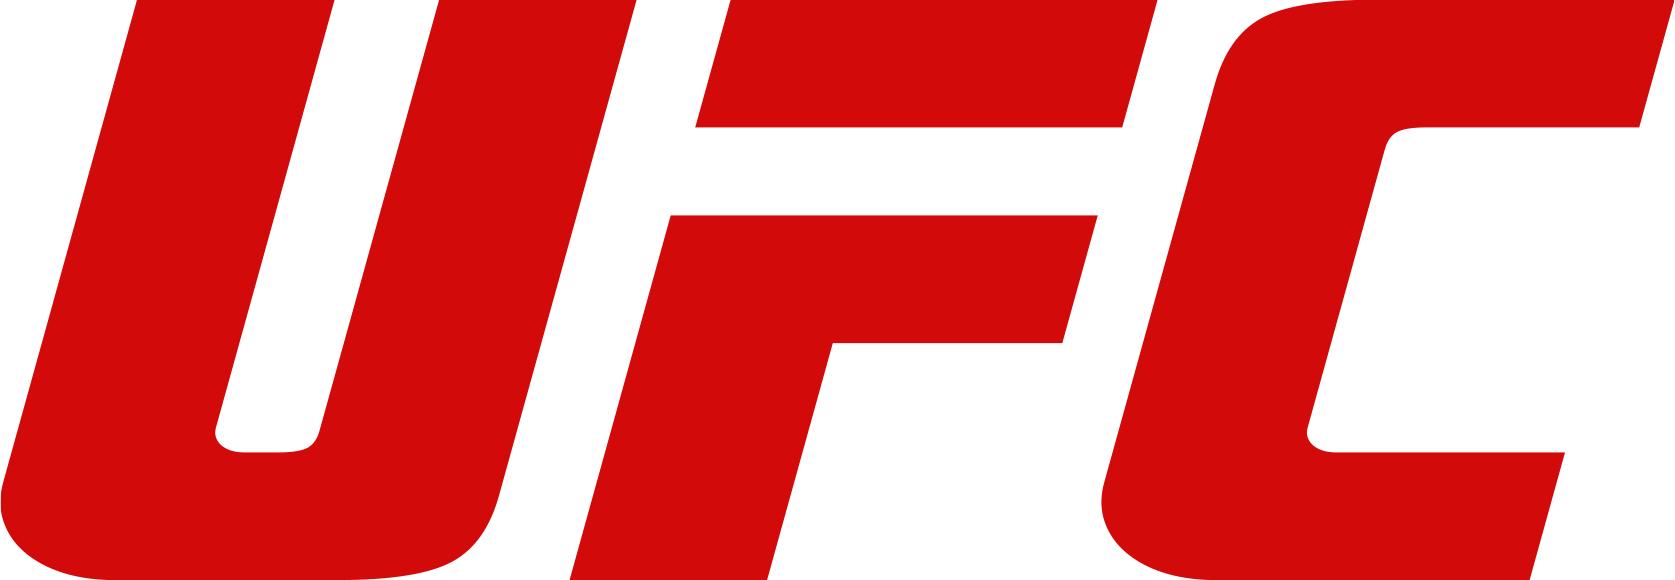 UFC_Logo.png